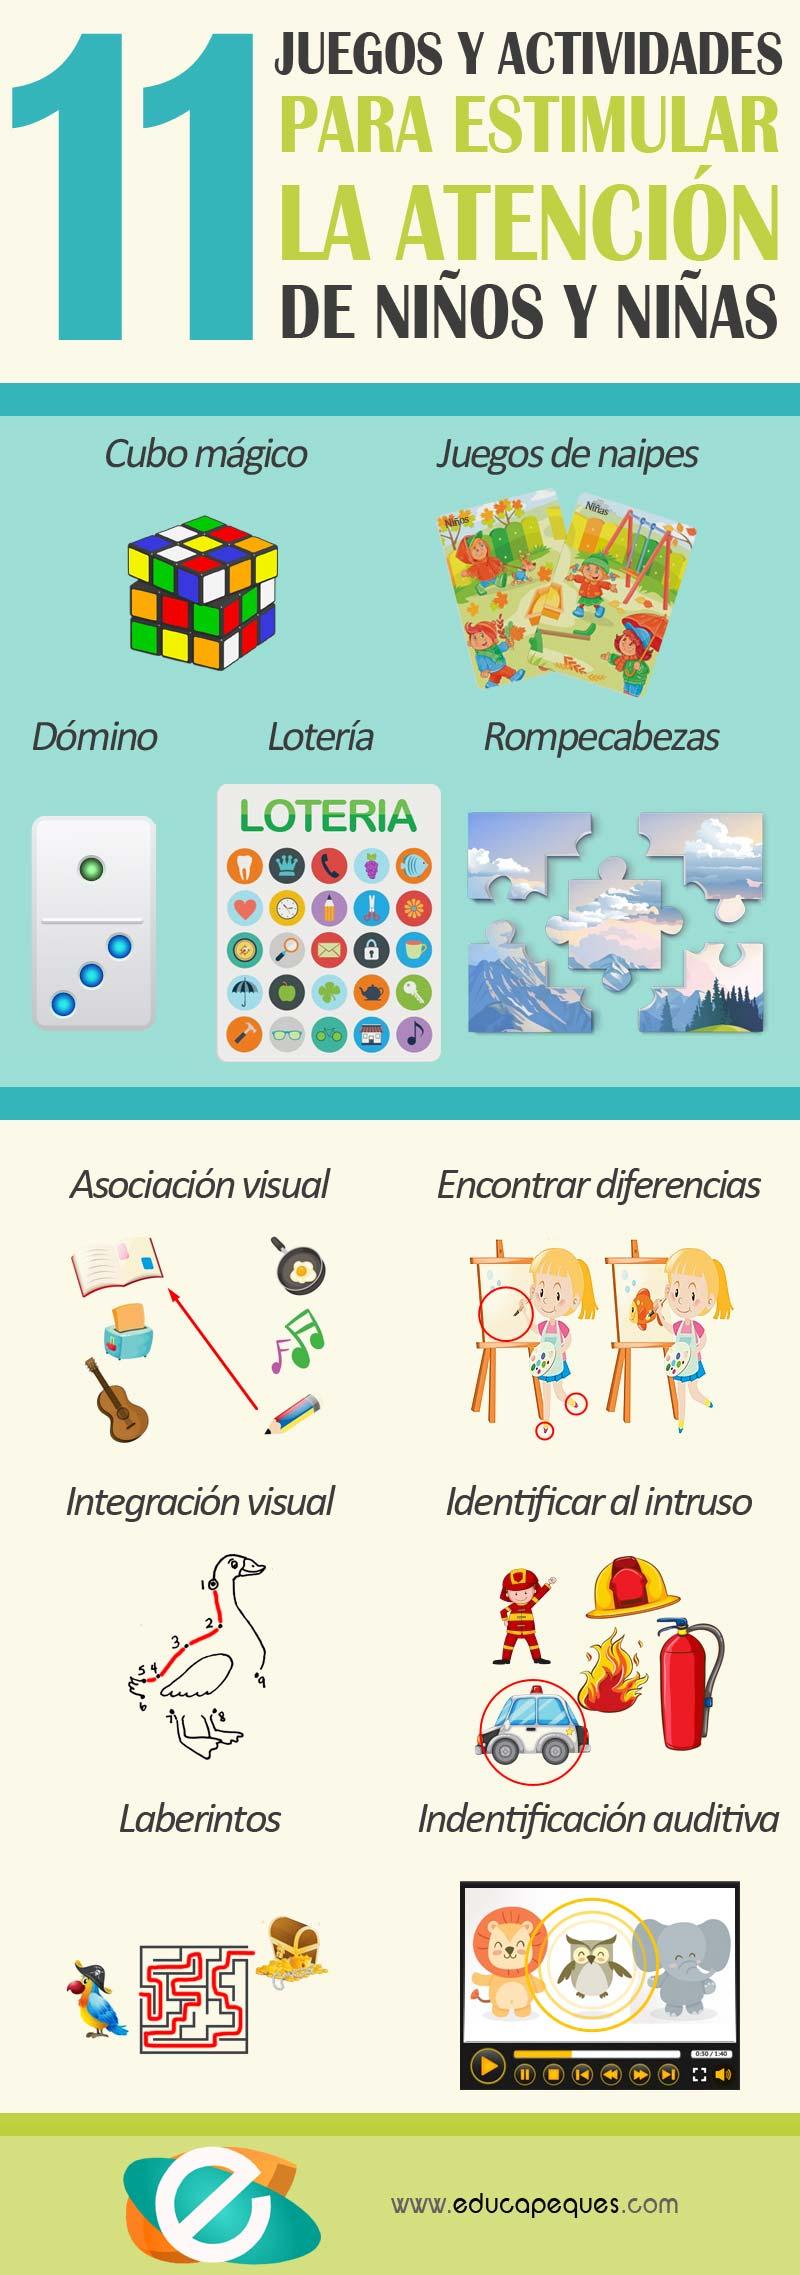 infografia, estimular la atencion